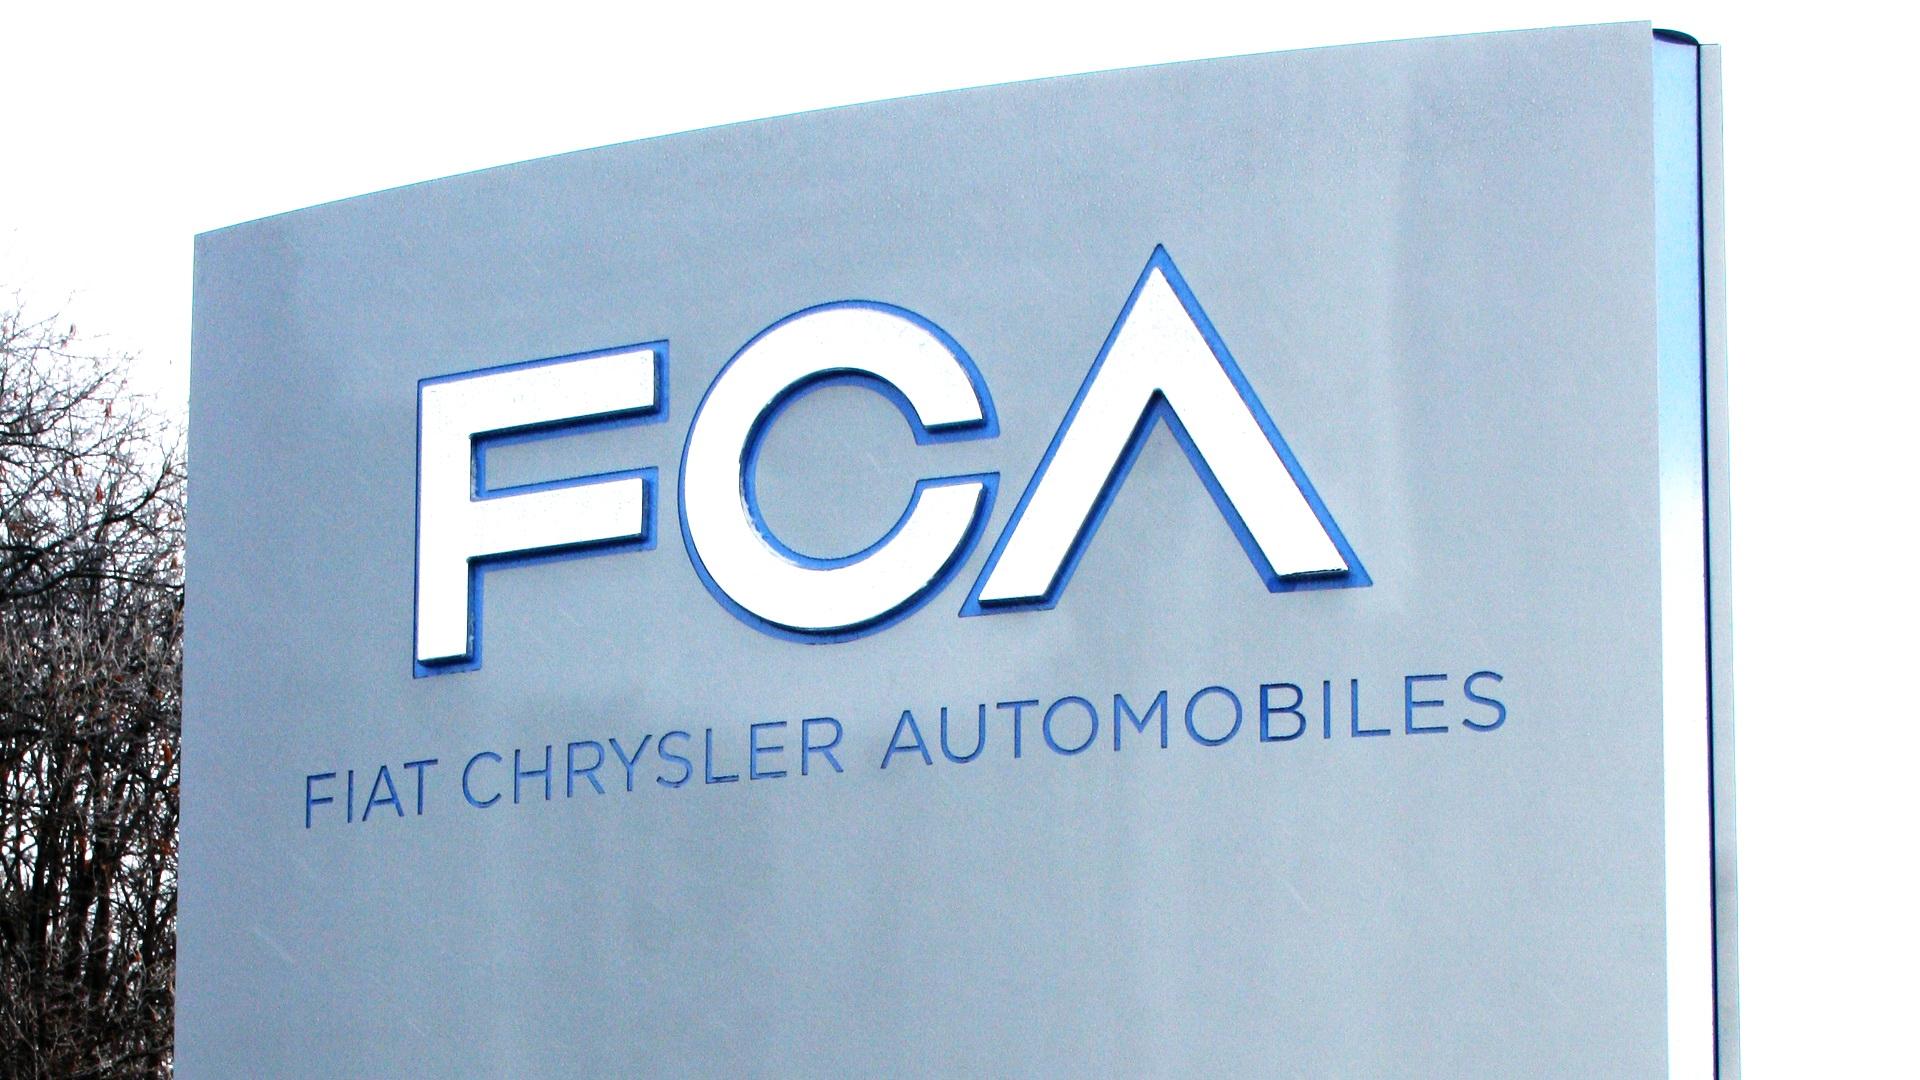 Grupo formado por PSA e FCA vai se chamar Stellantis